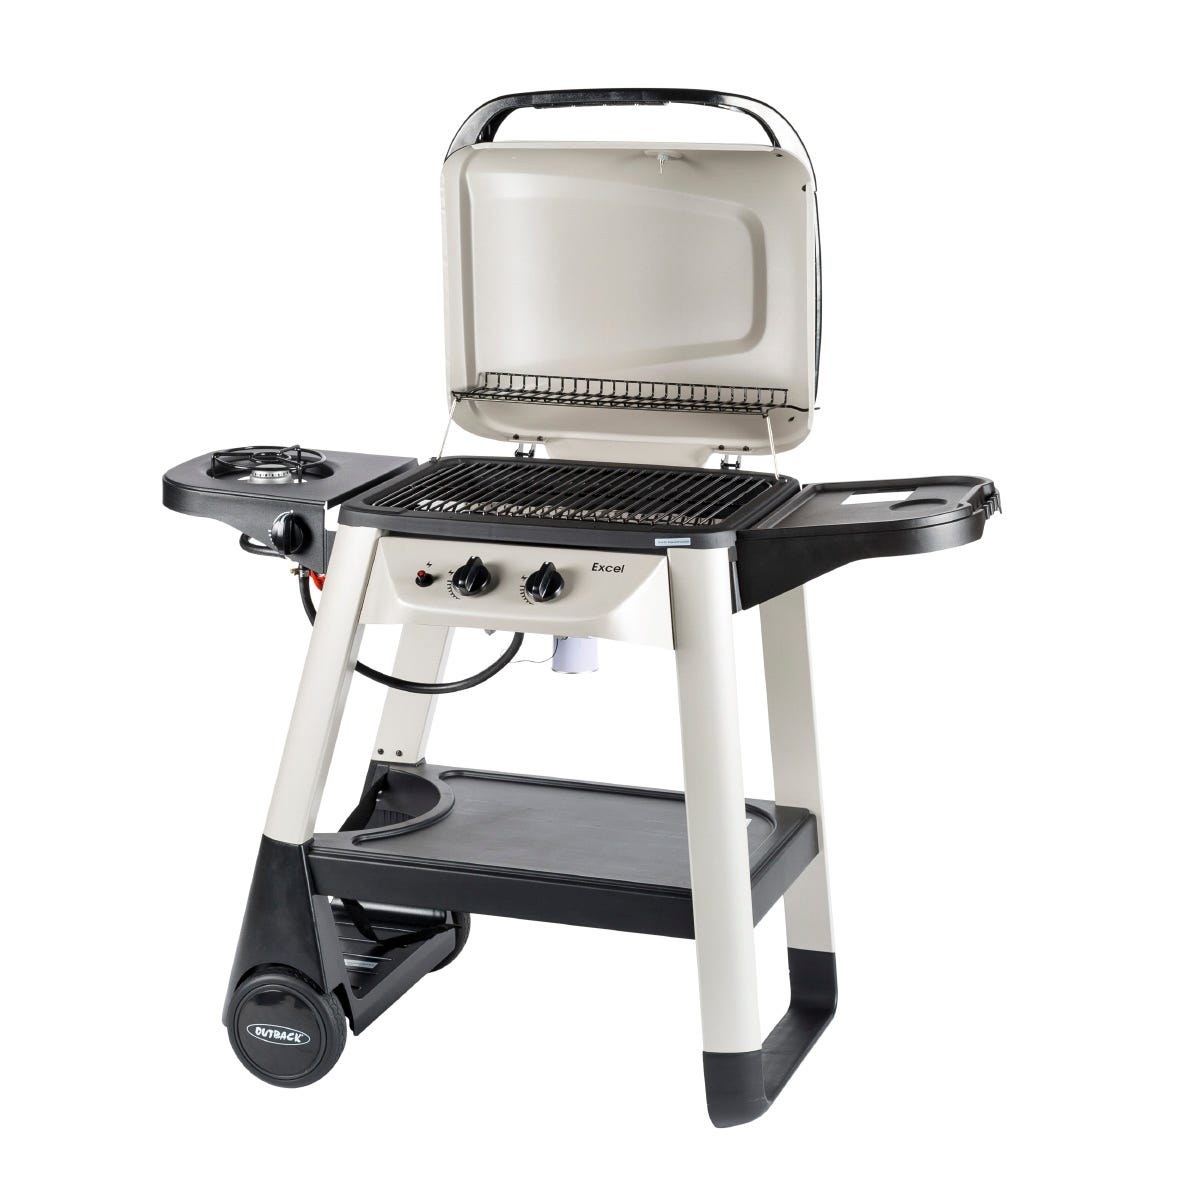 Image of Outback Excel 310 2-Burner Gas Trolley BBQ with Side Burner